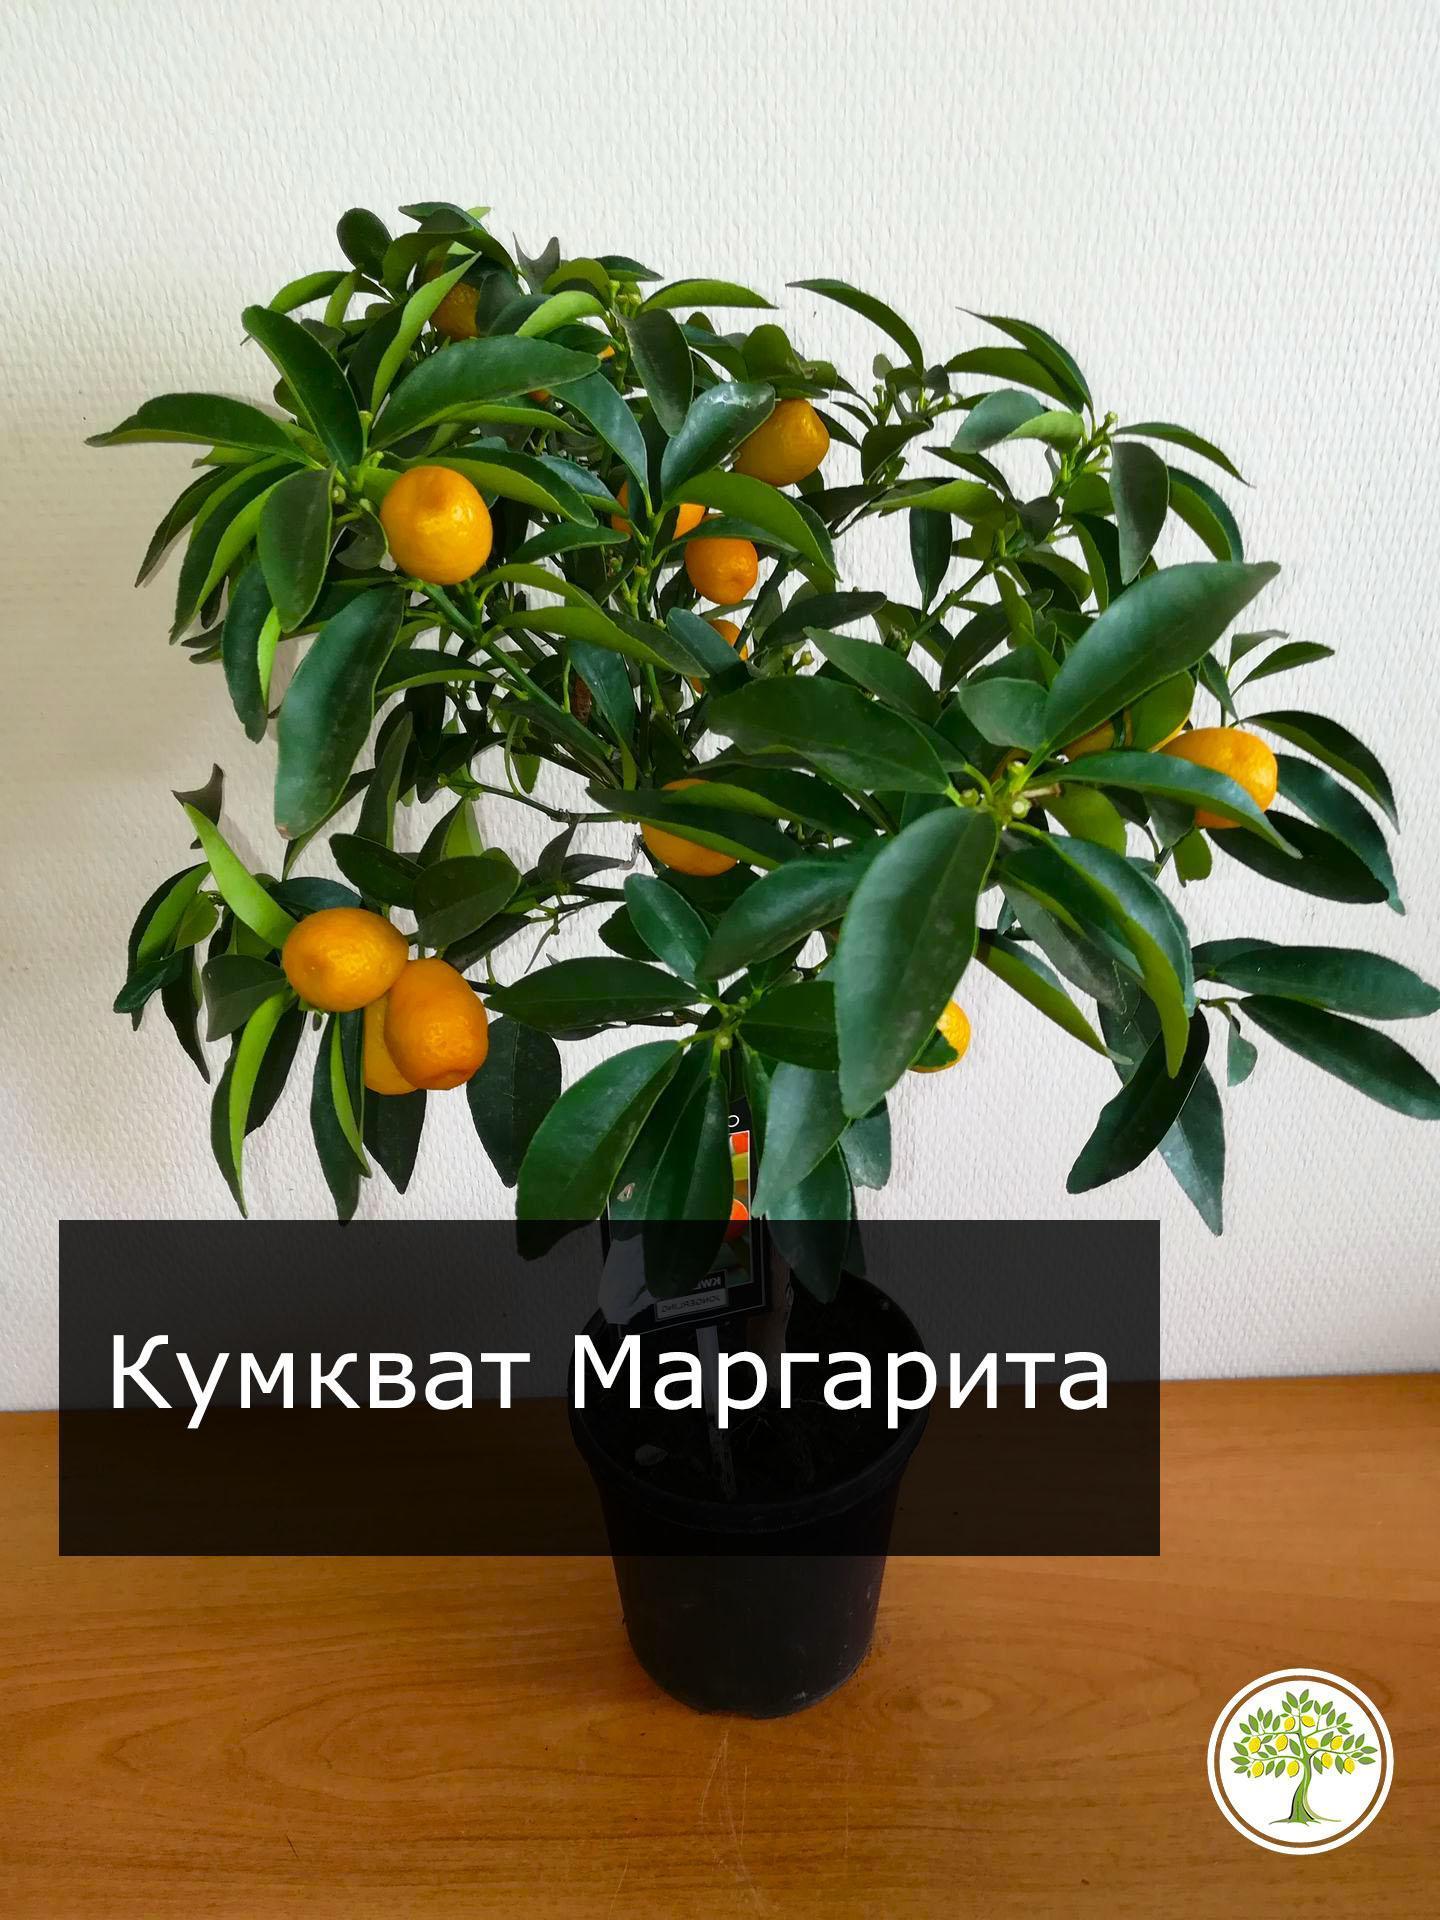 Кумкват Маргарита с плодами